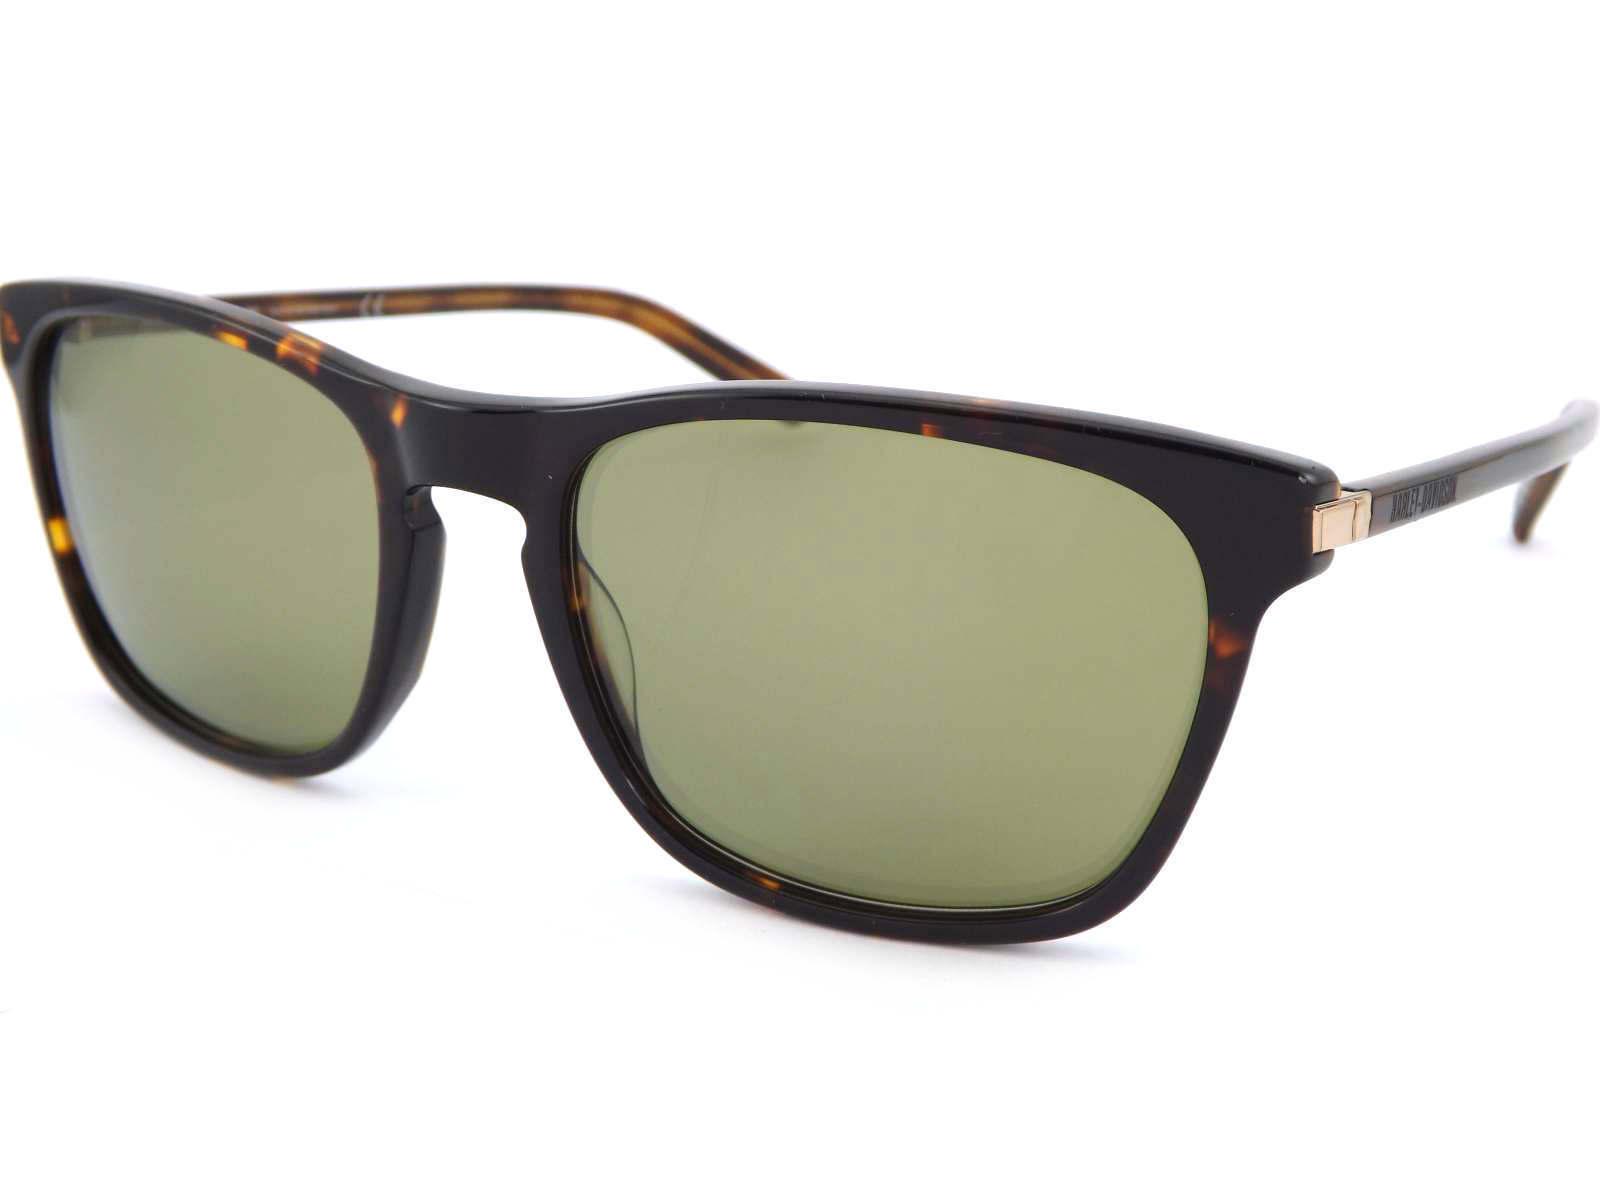 HARLEY DAVIDSON herren Sunglasses braun Tortoise  Grün Lens HD2019 52Q    | Verpackungsvielfalt